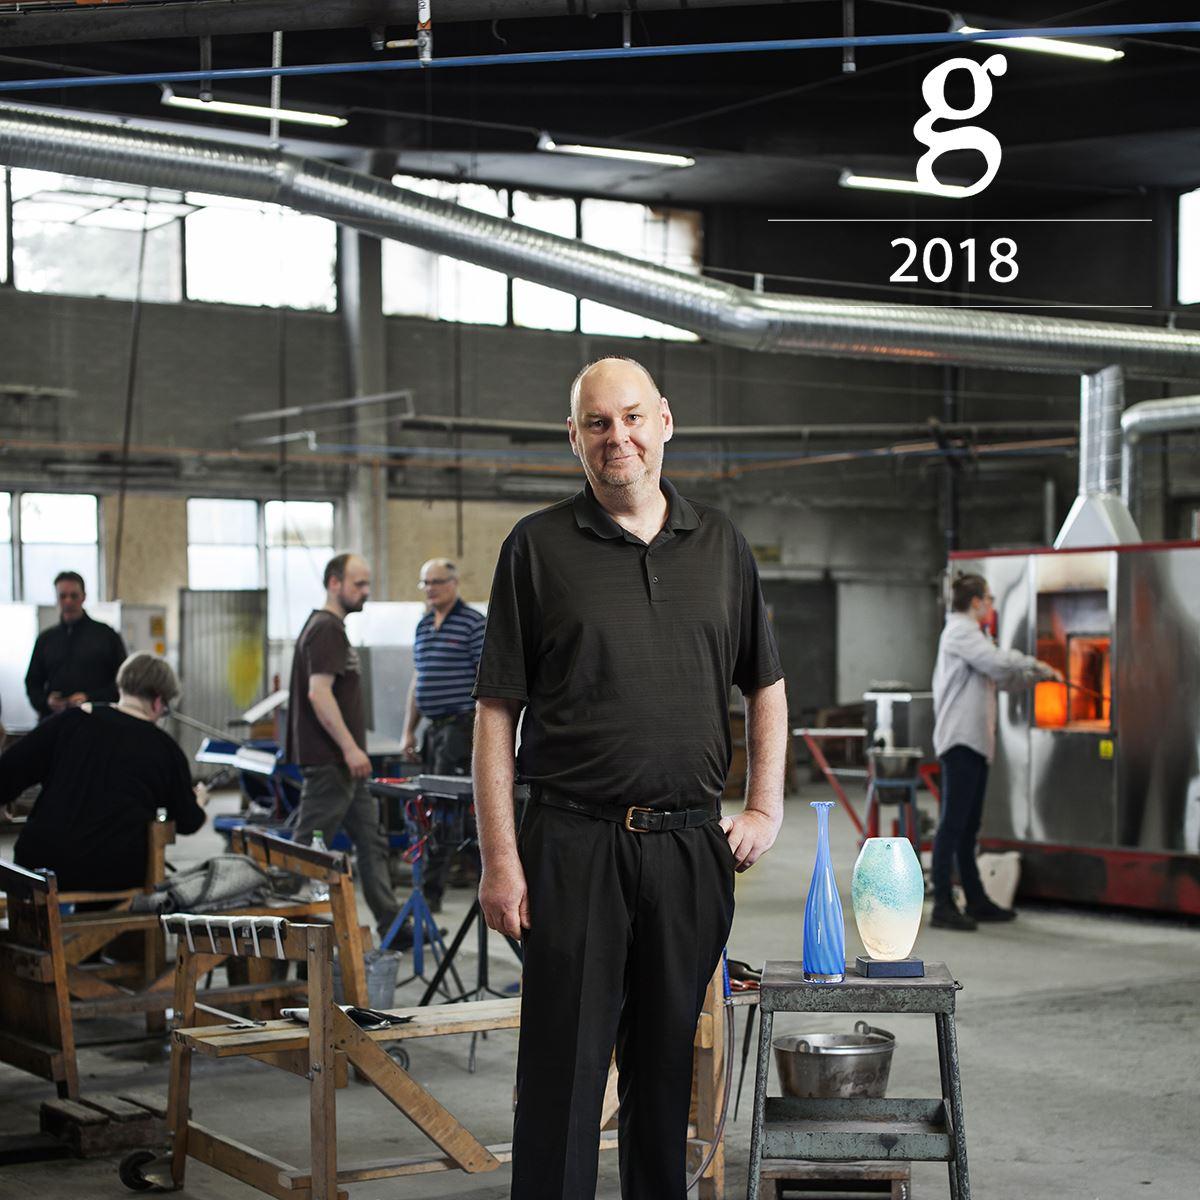 GLASKONST 2018 PUKEBERG